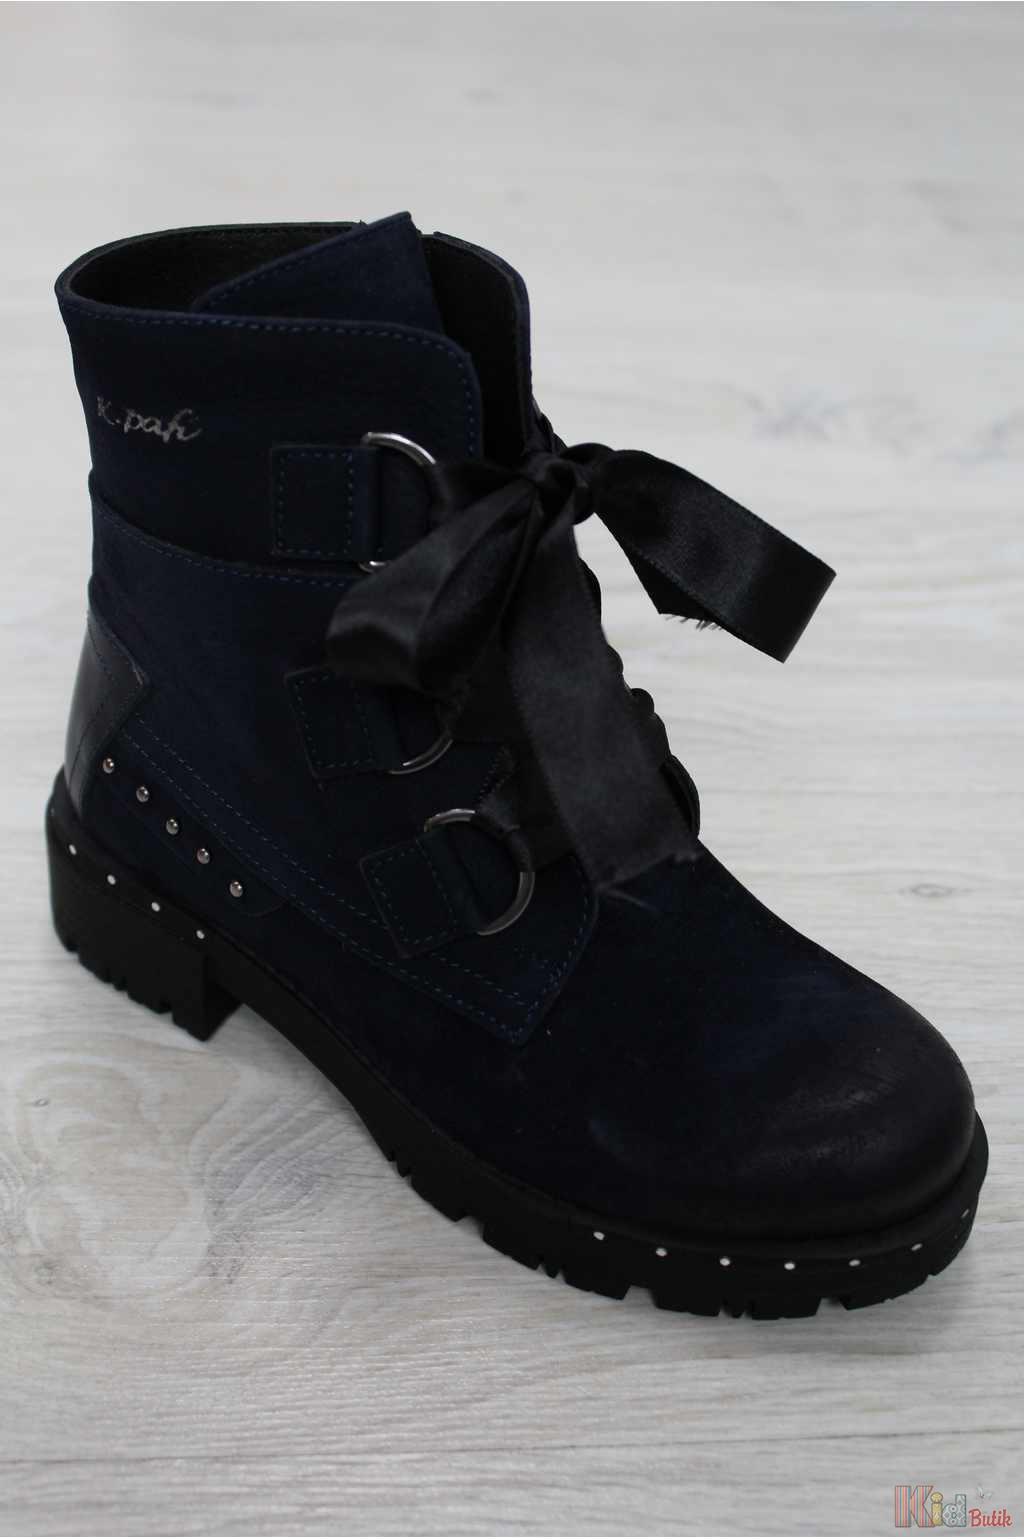 0943558dca4395 Черевики демісезонні темно-синього кольору для дівчинки Kemal Pafi  КР18-120.38190/3( ...